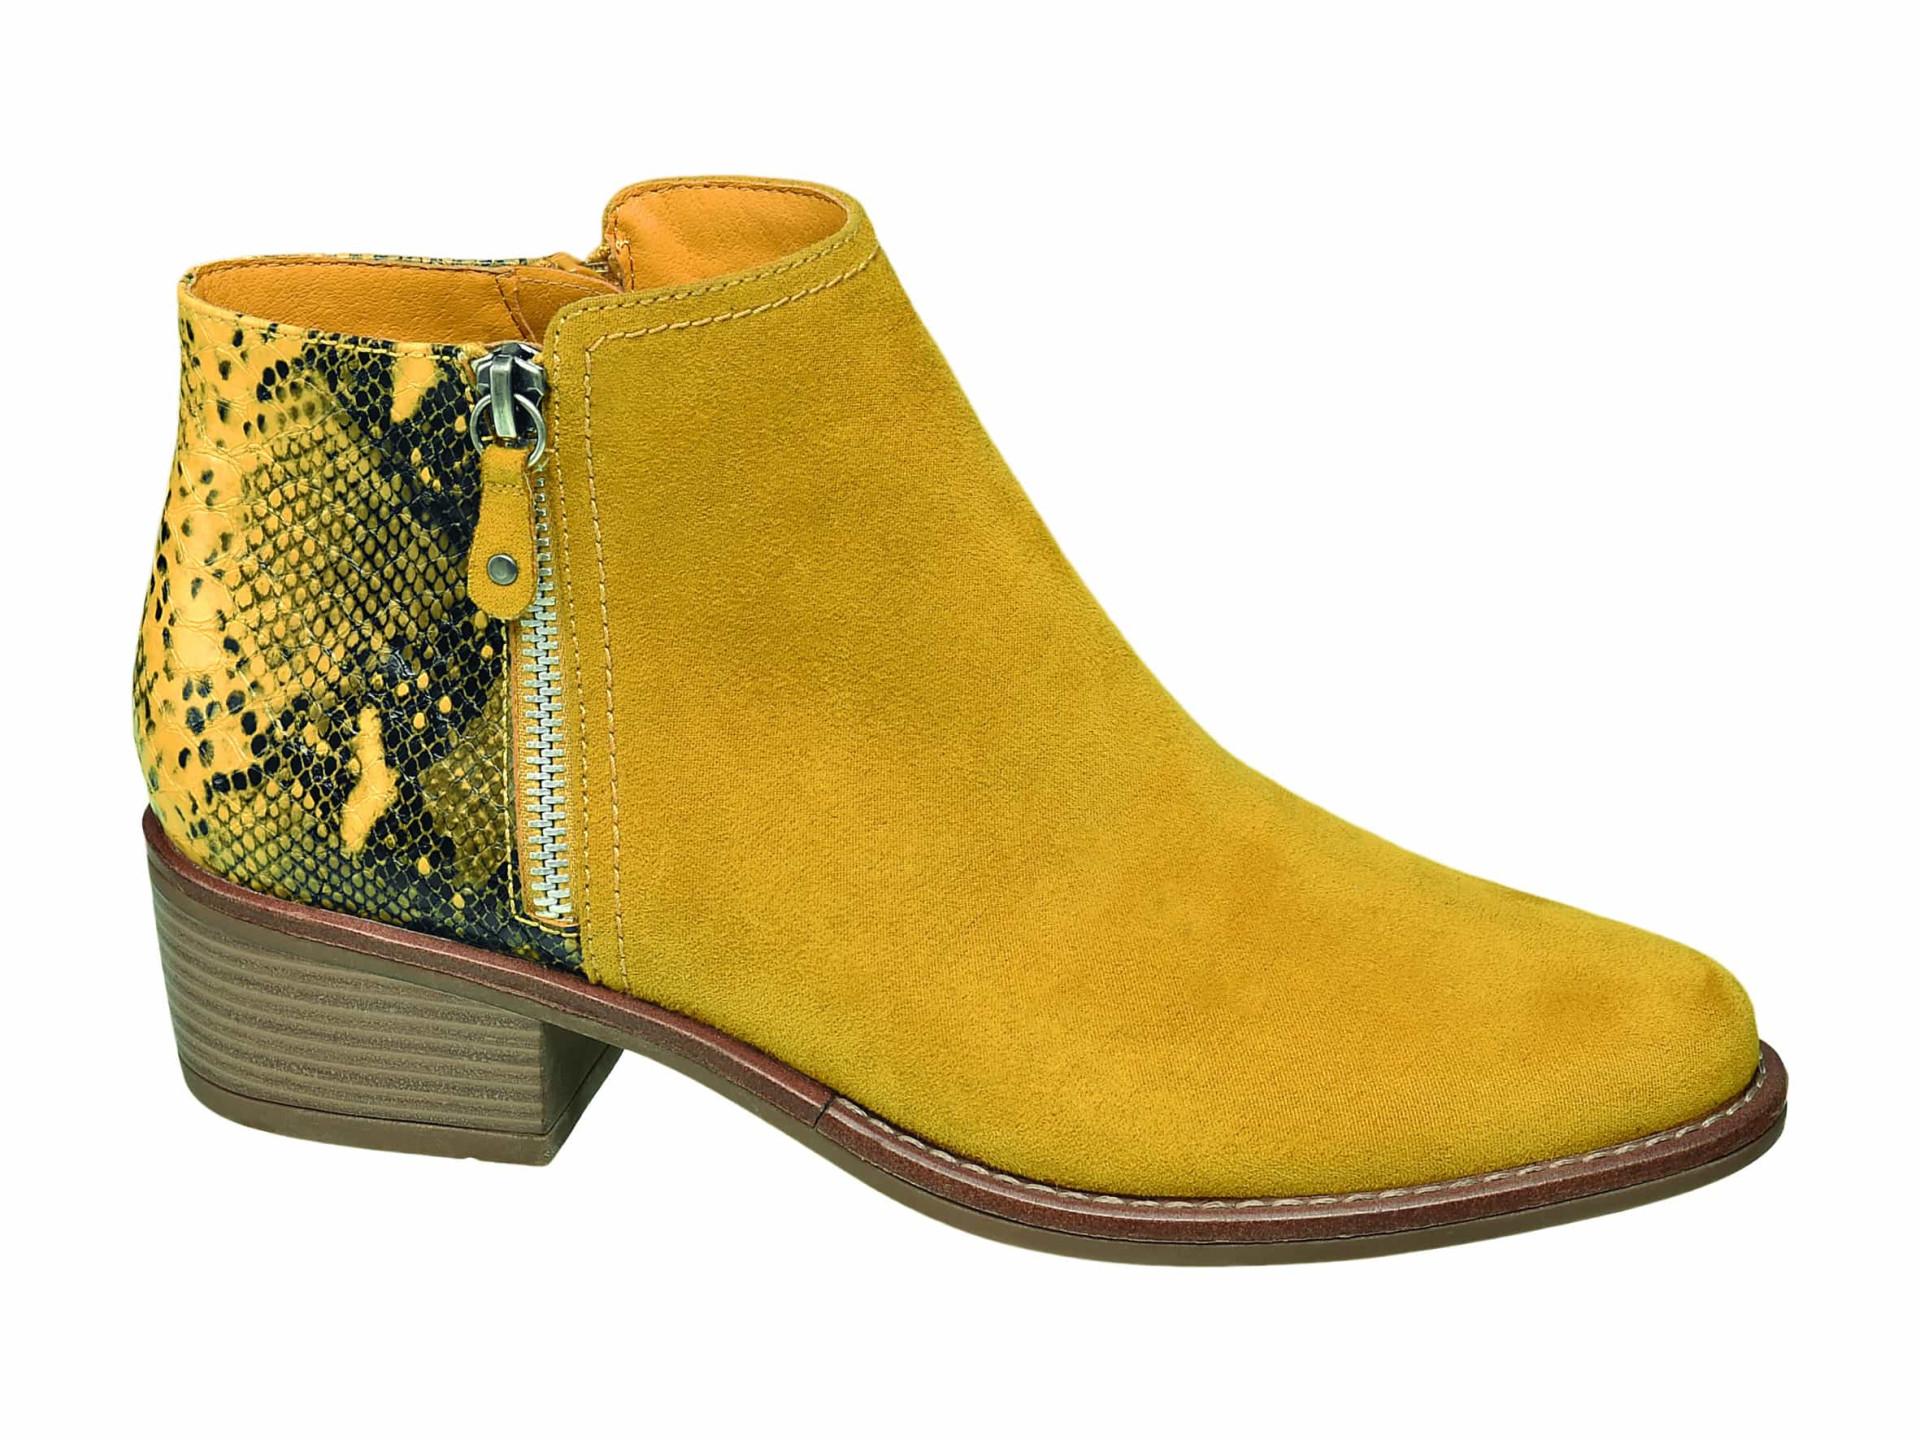 Última hora fashionistas! Este verão vai ser uma explosão de amarelo